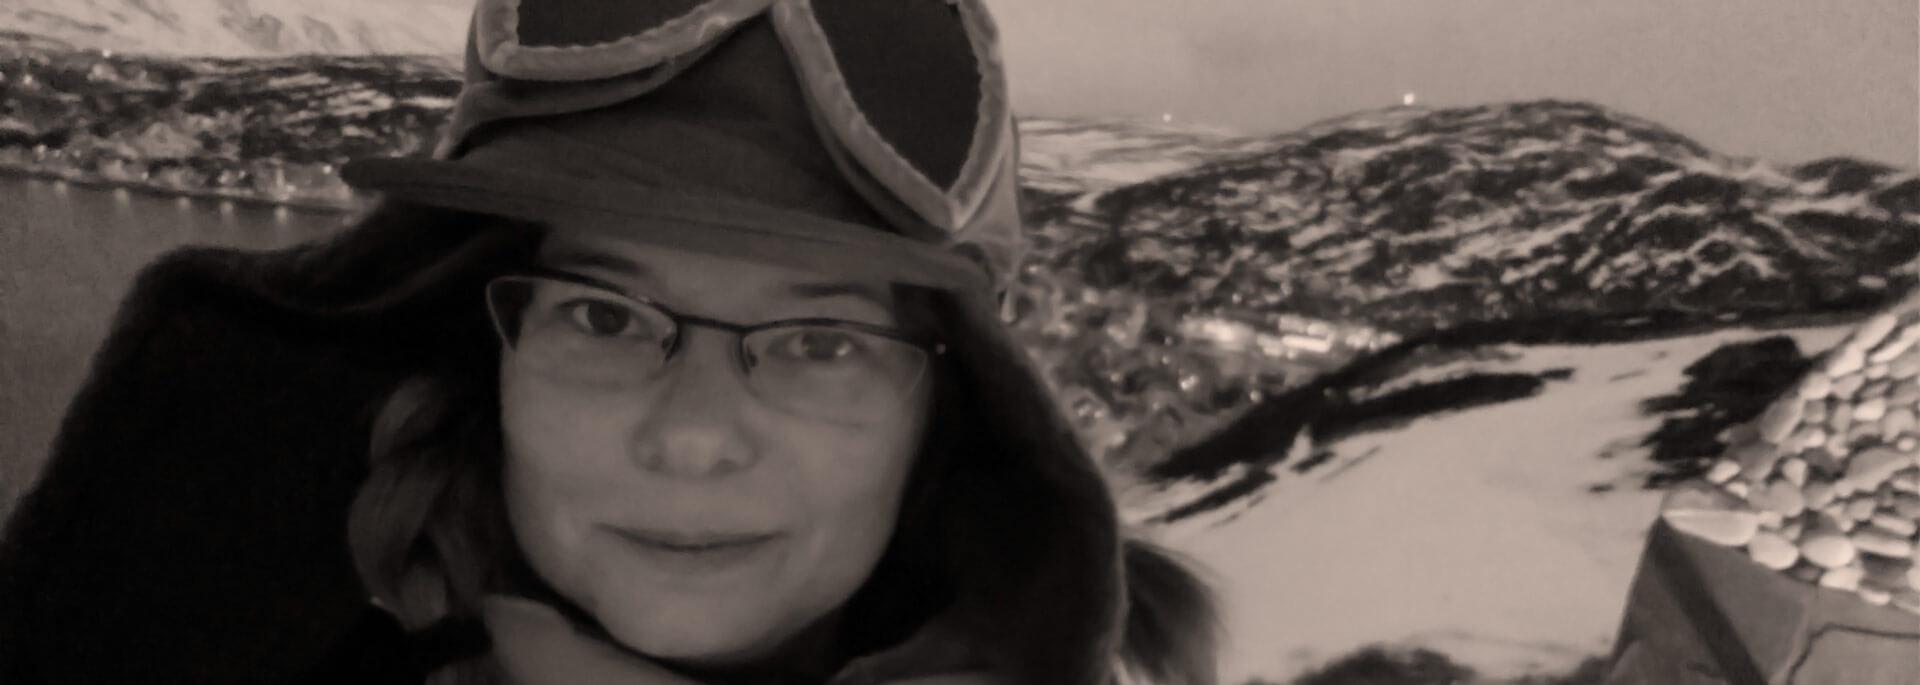 Reisetipp: Südpol-Dinner in Hammerfest